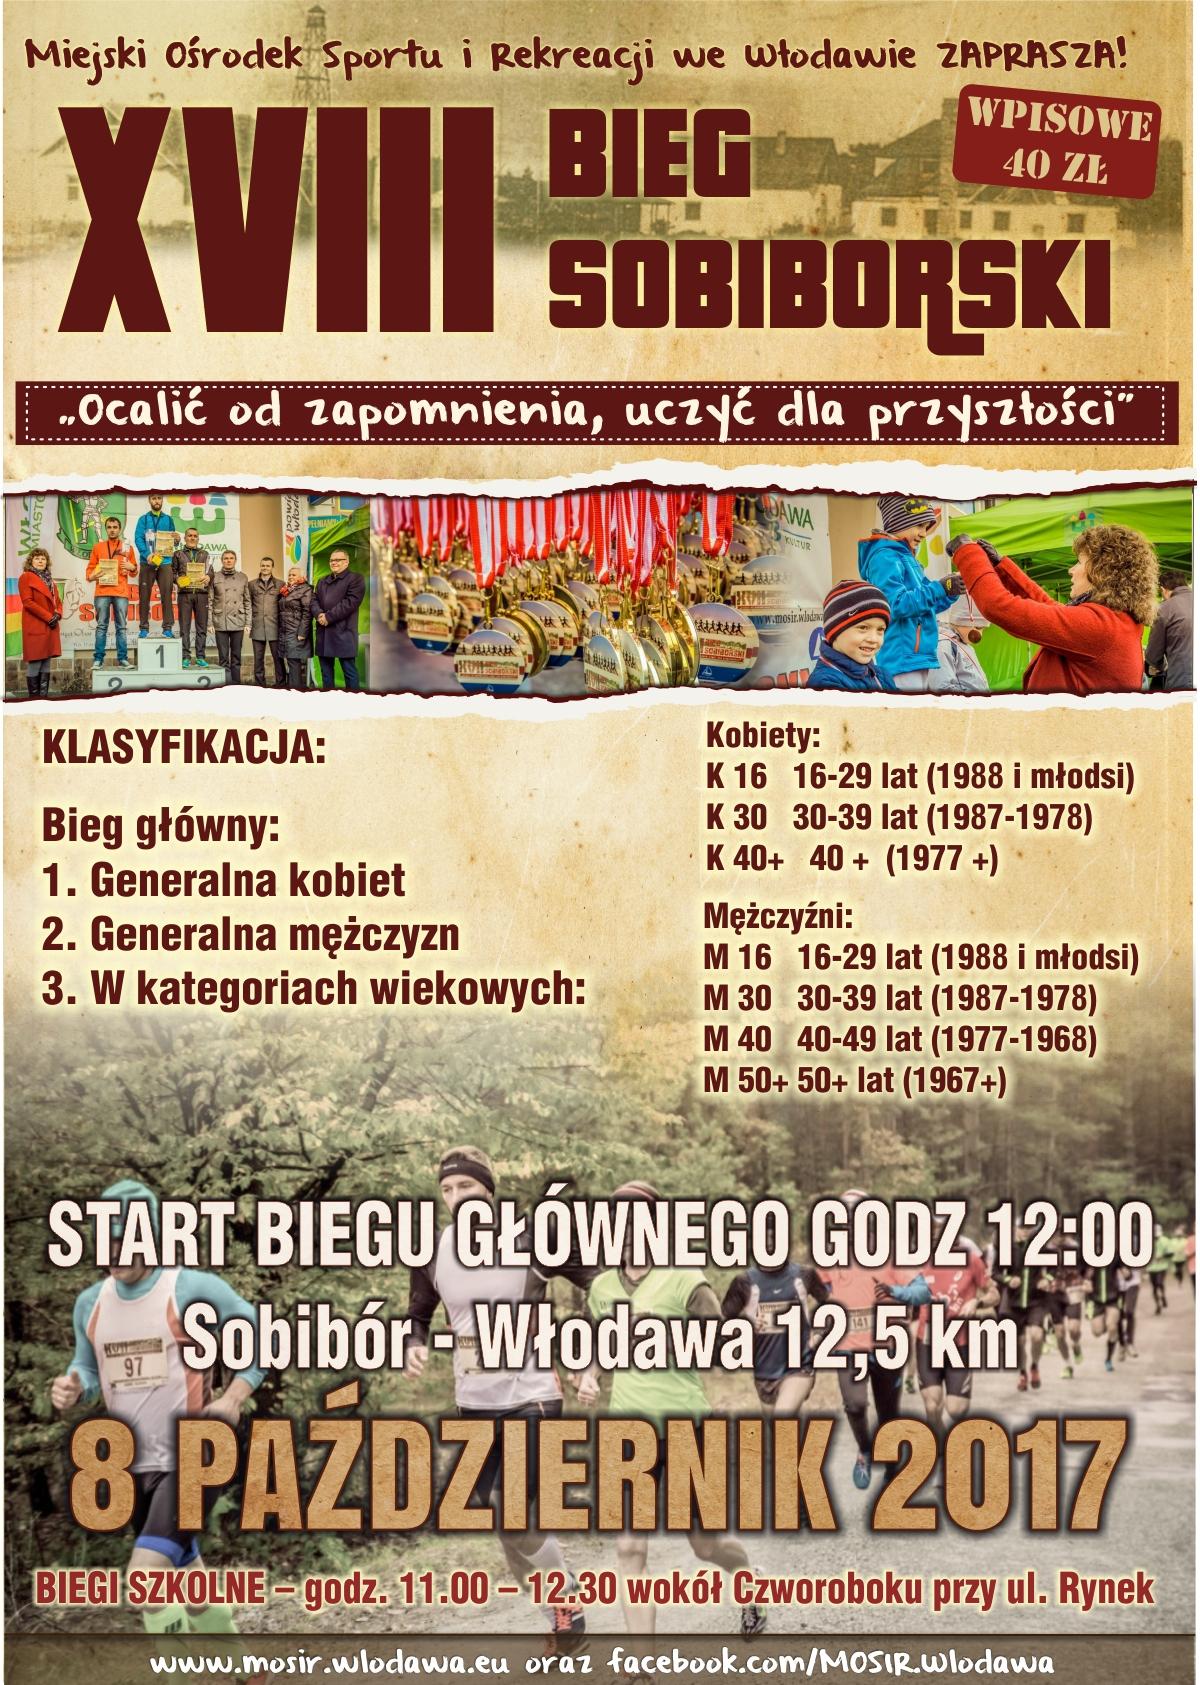 - 2017_ug_xviii_bieg_sobiborski.jpg